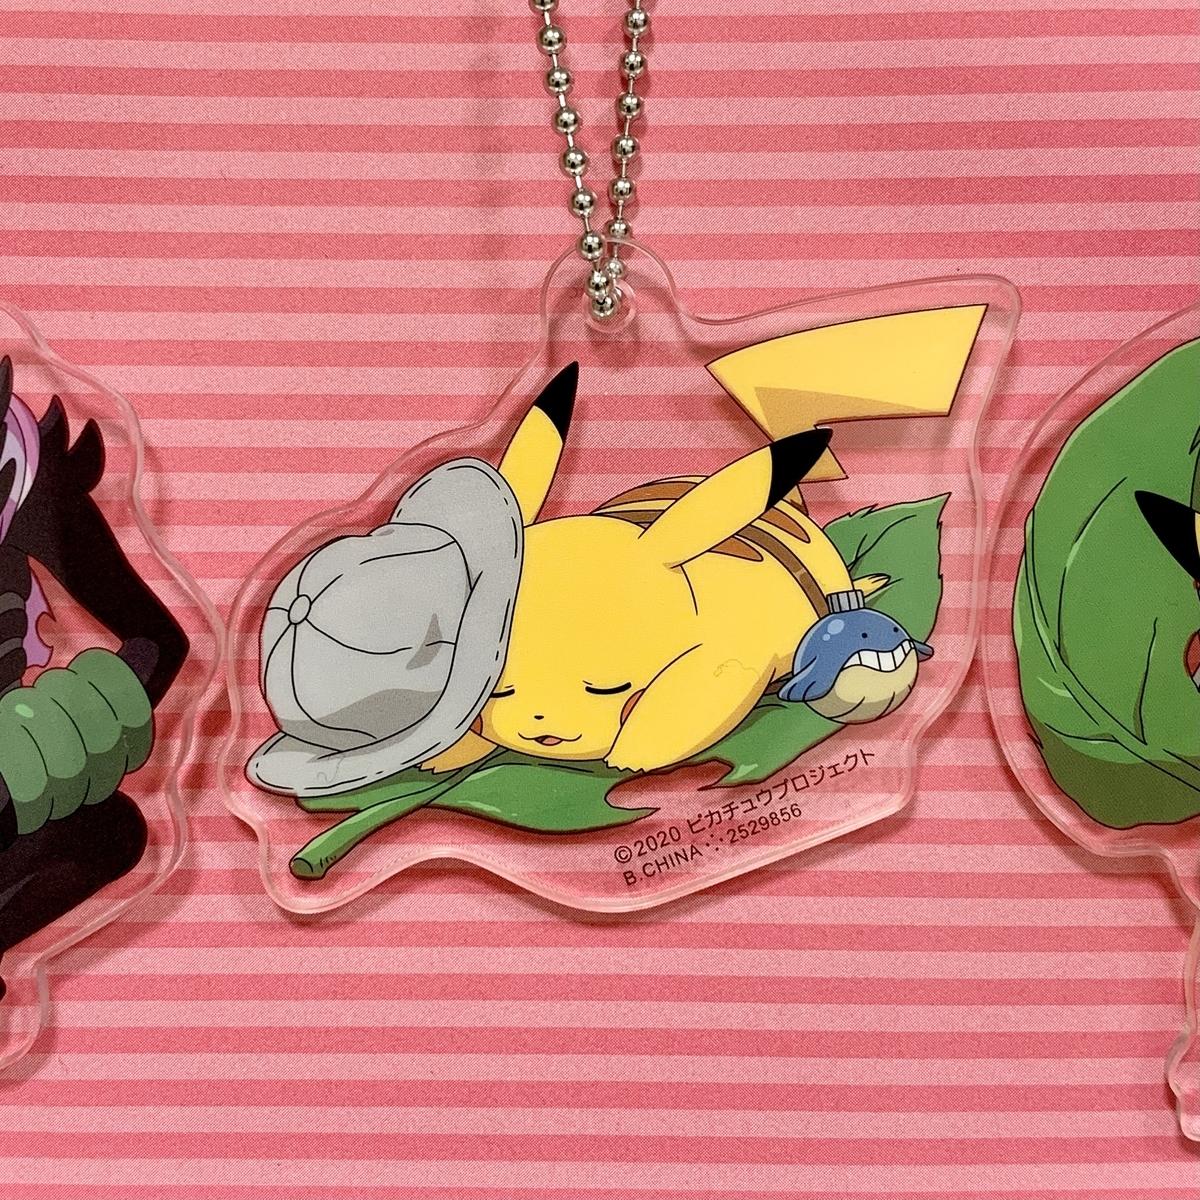 f:id:pikachu_pcn:20201116191713j:plain